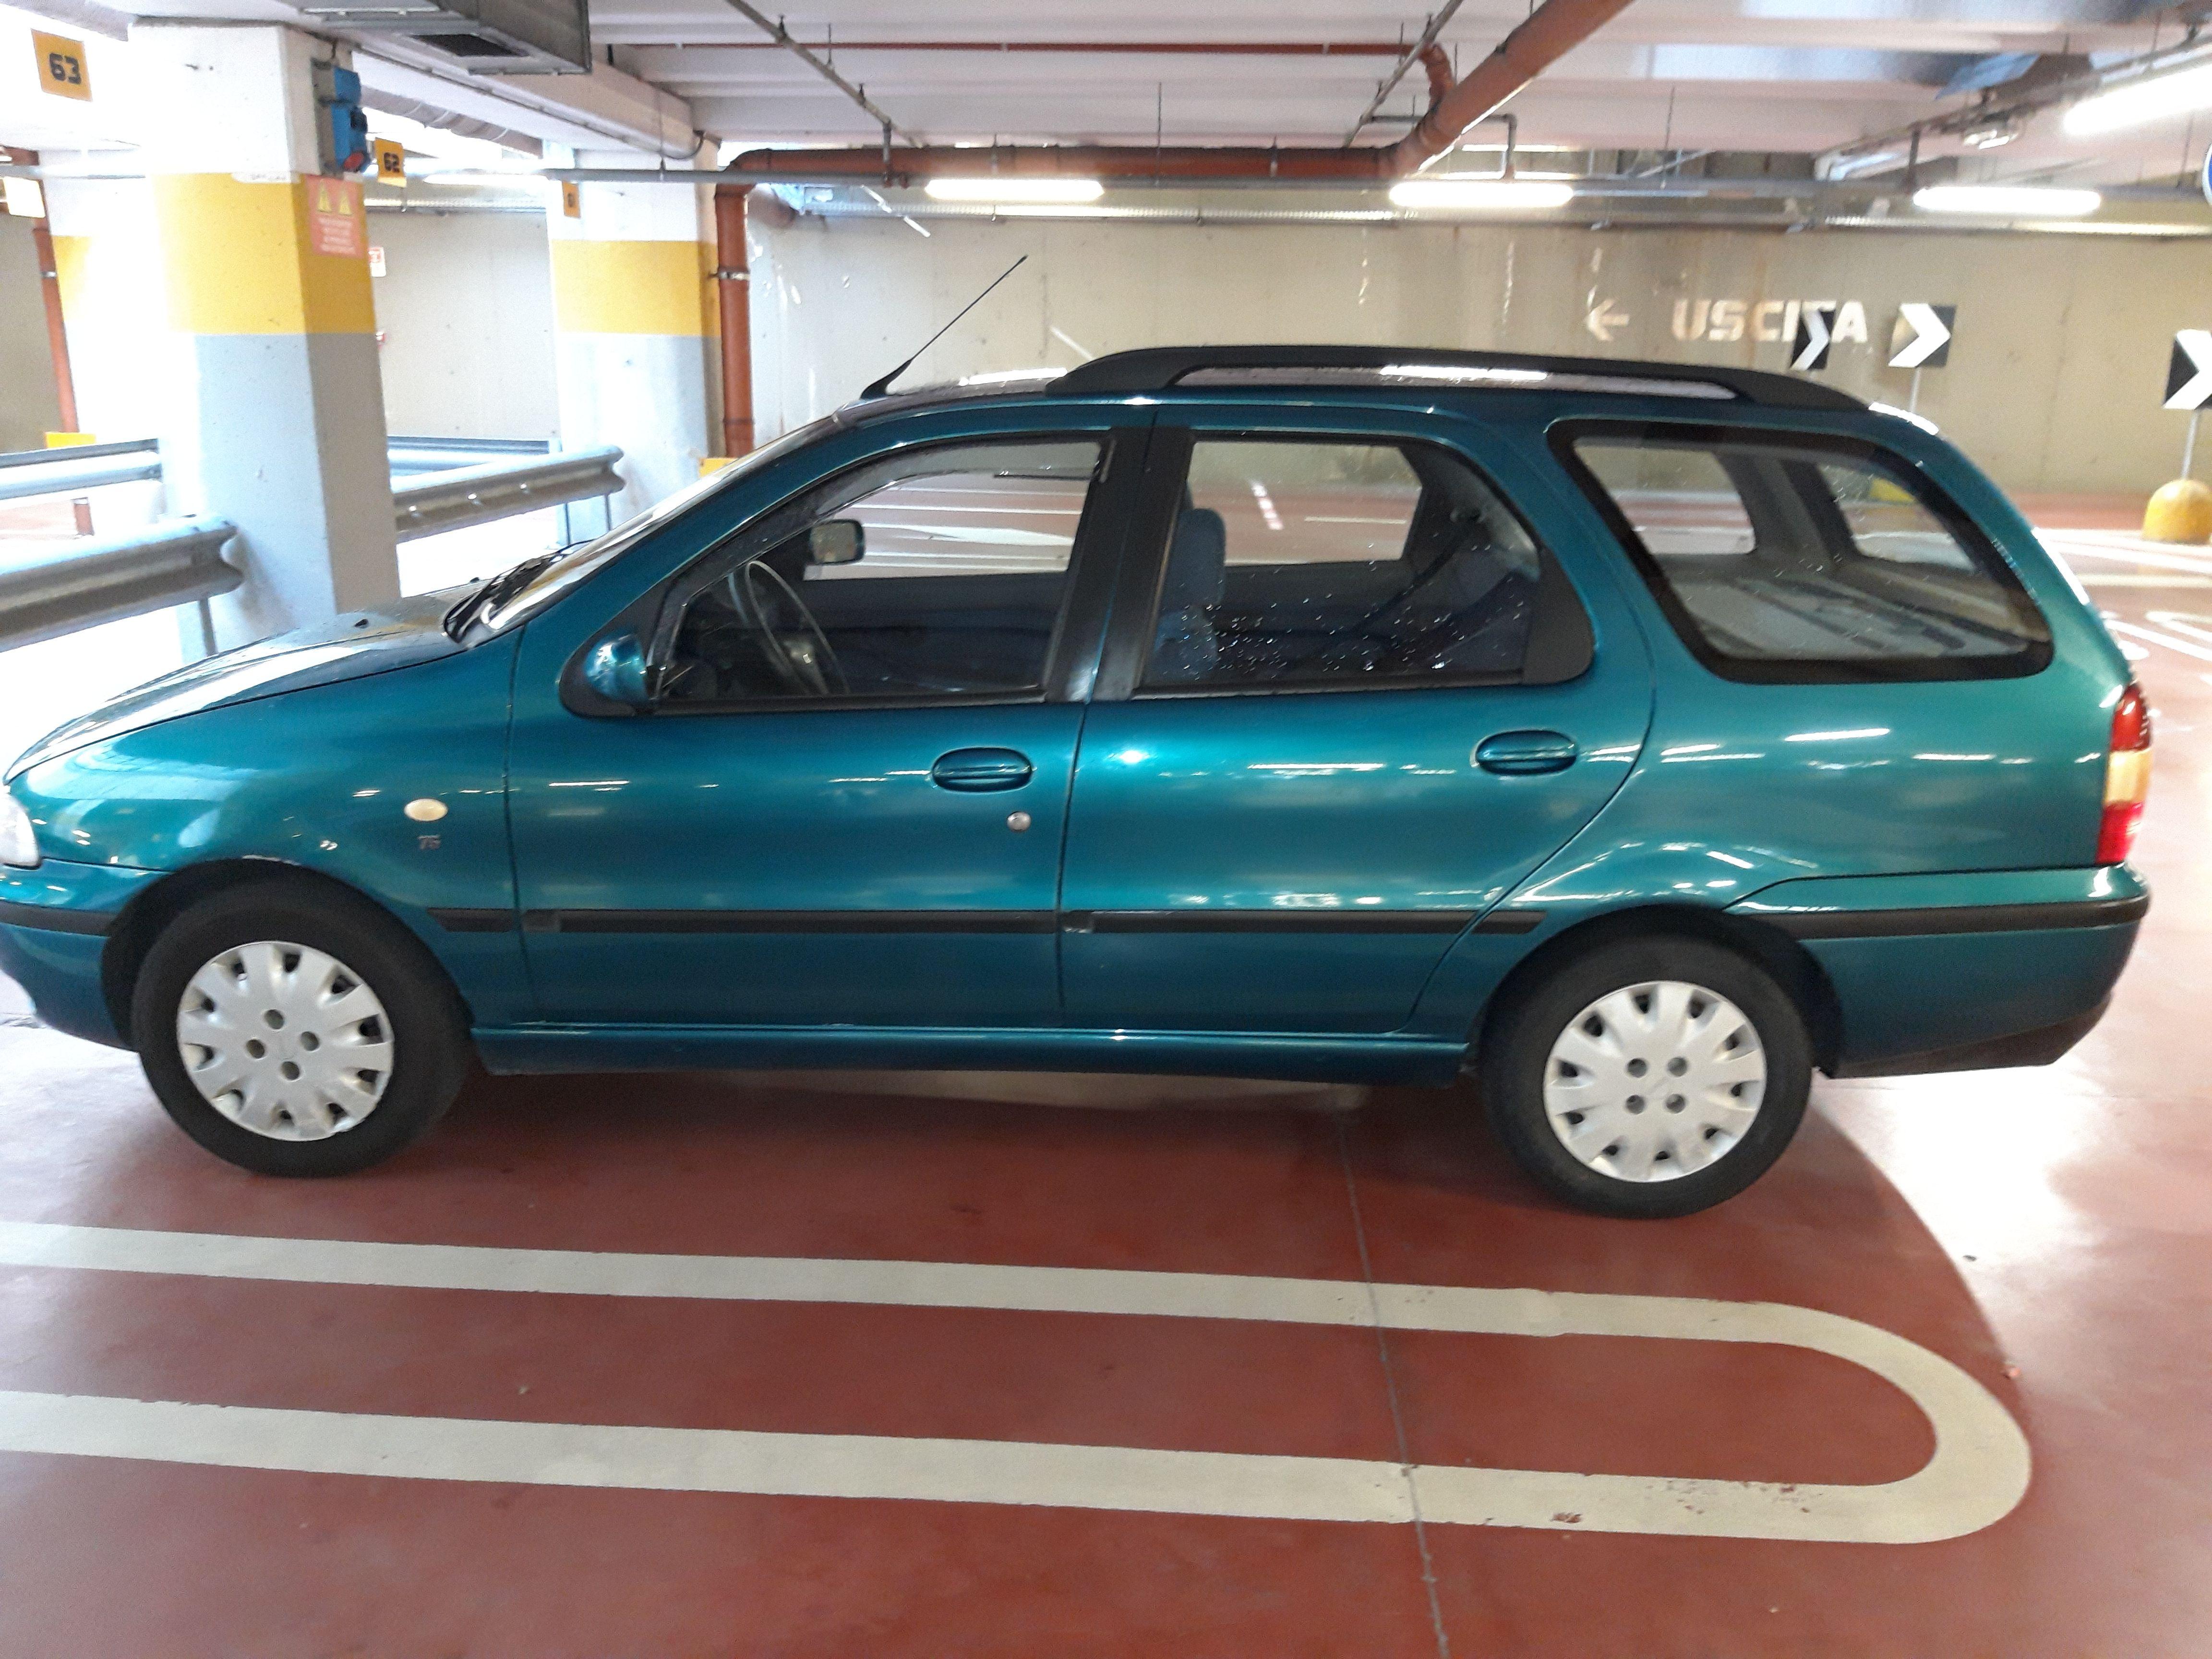 Fiat Palio station wagon 1.2 benzina, pochi km